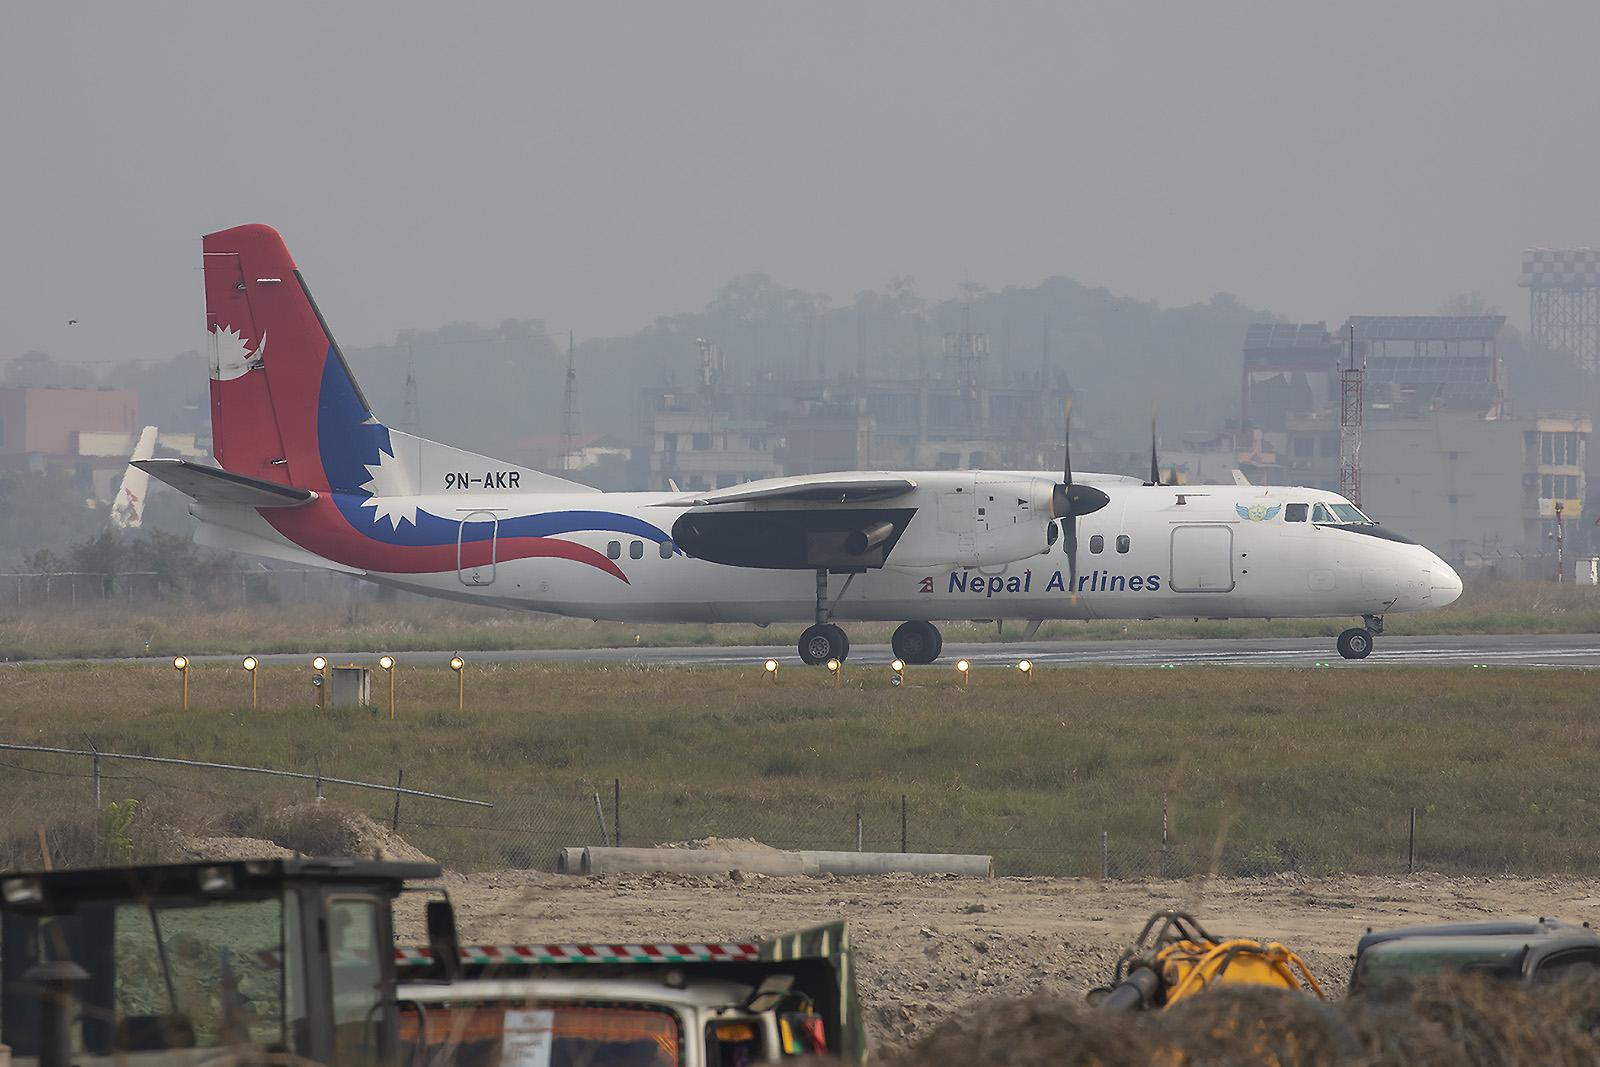 Nepal Airlines betreibt einige chinesische Flugzeugmuster, wie die MA-60.